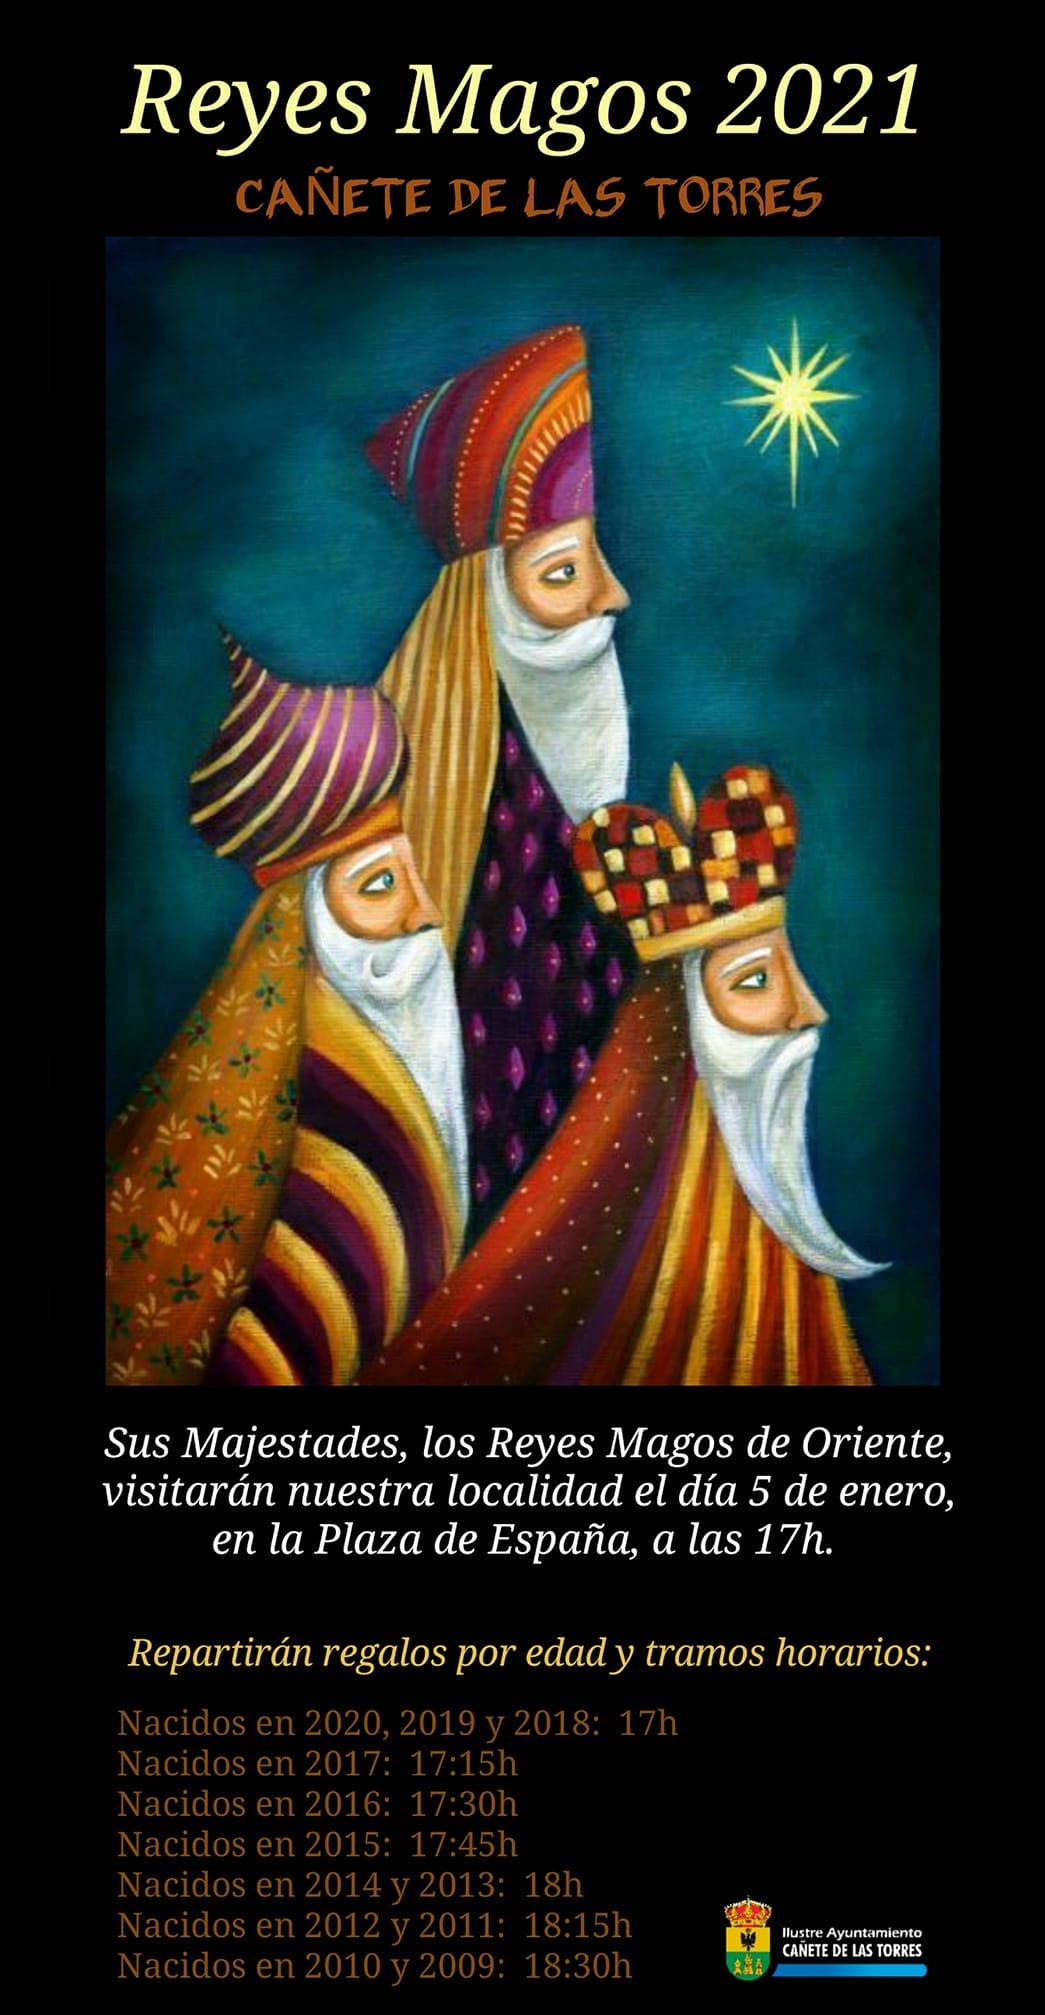 cartel reyes magos con horarios